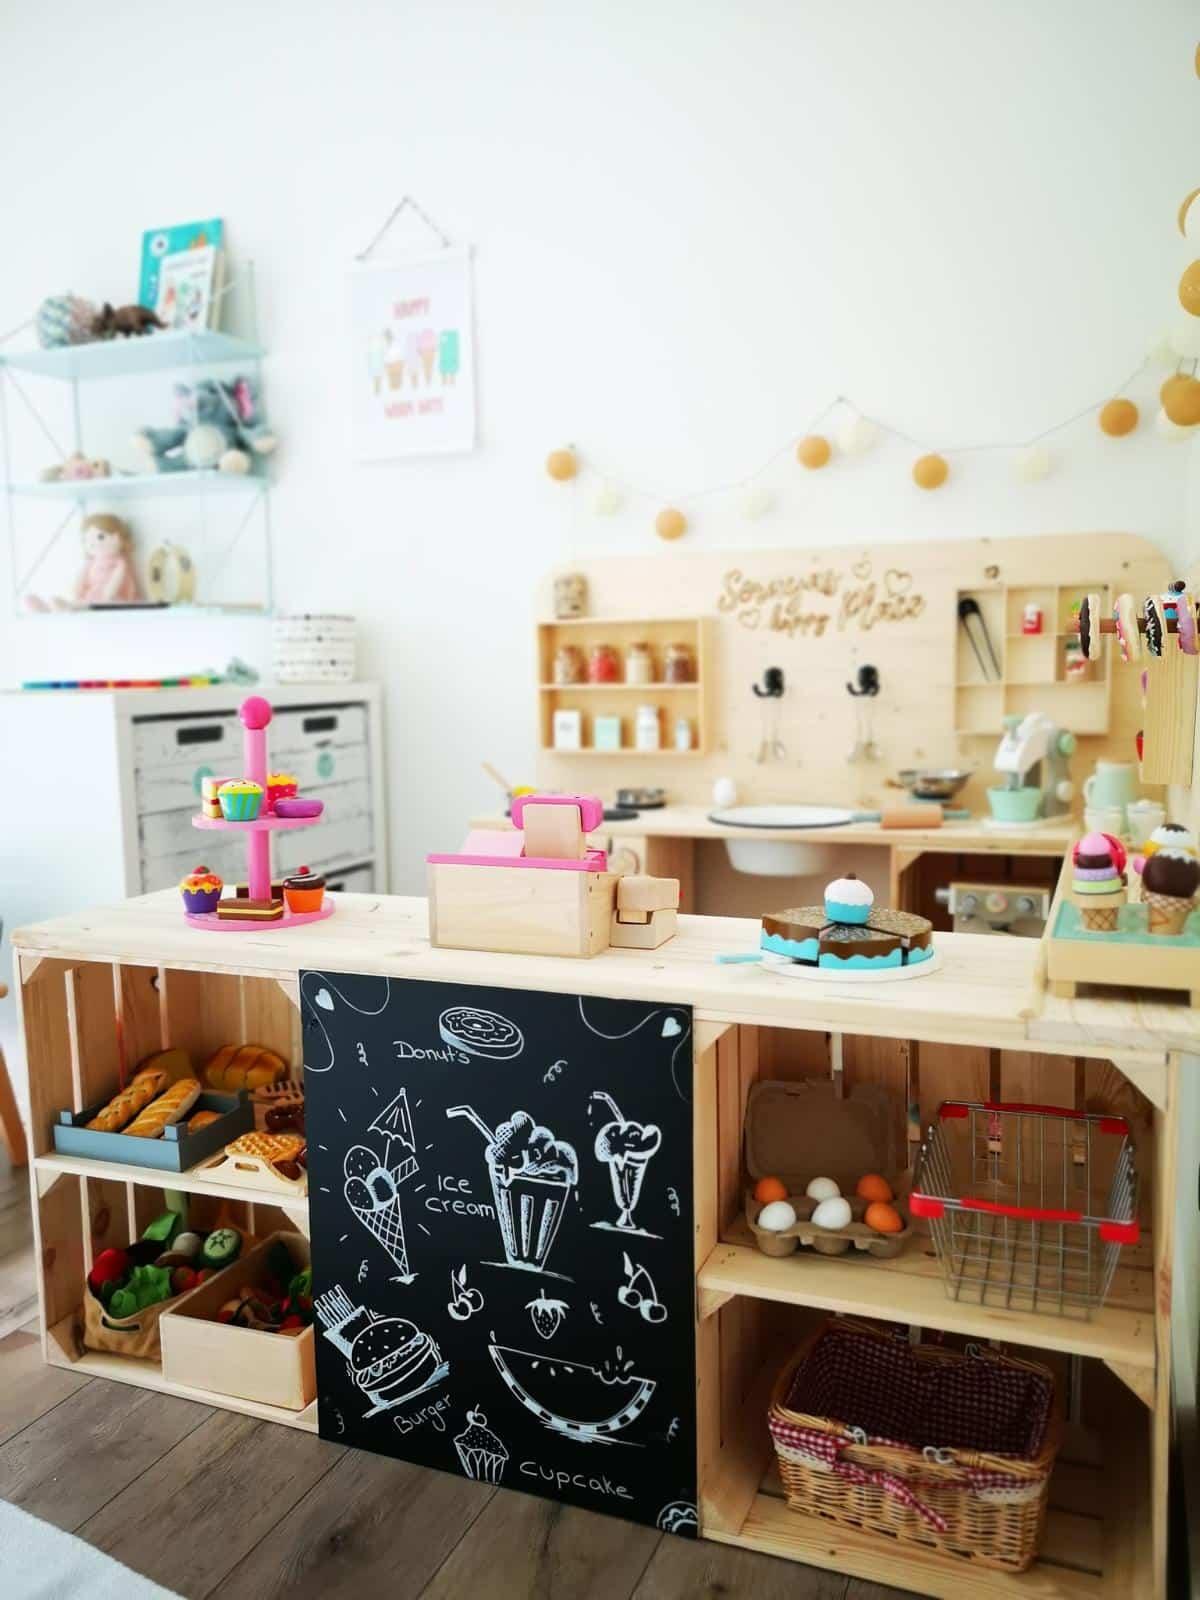 Kinderkueche-aus-Holz-Kaufladen-aus-Holzkisten-Anleitung